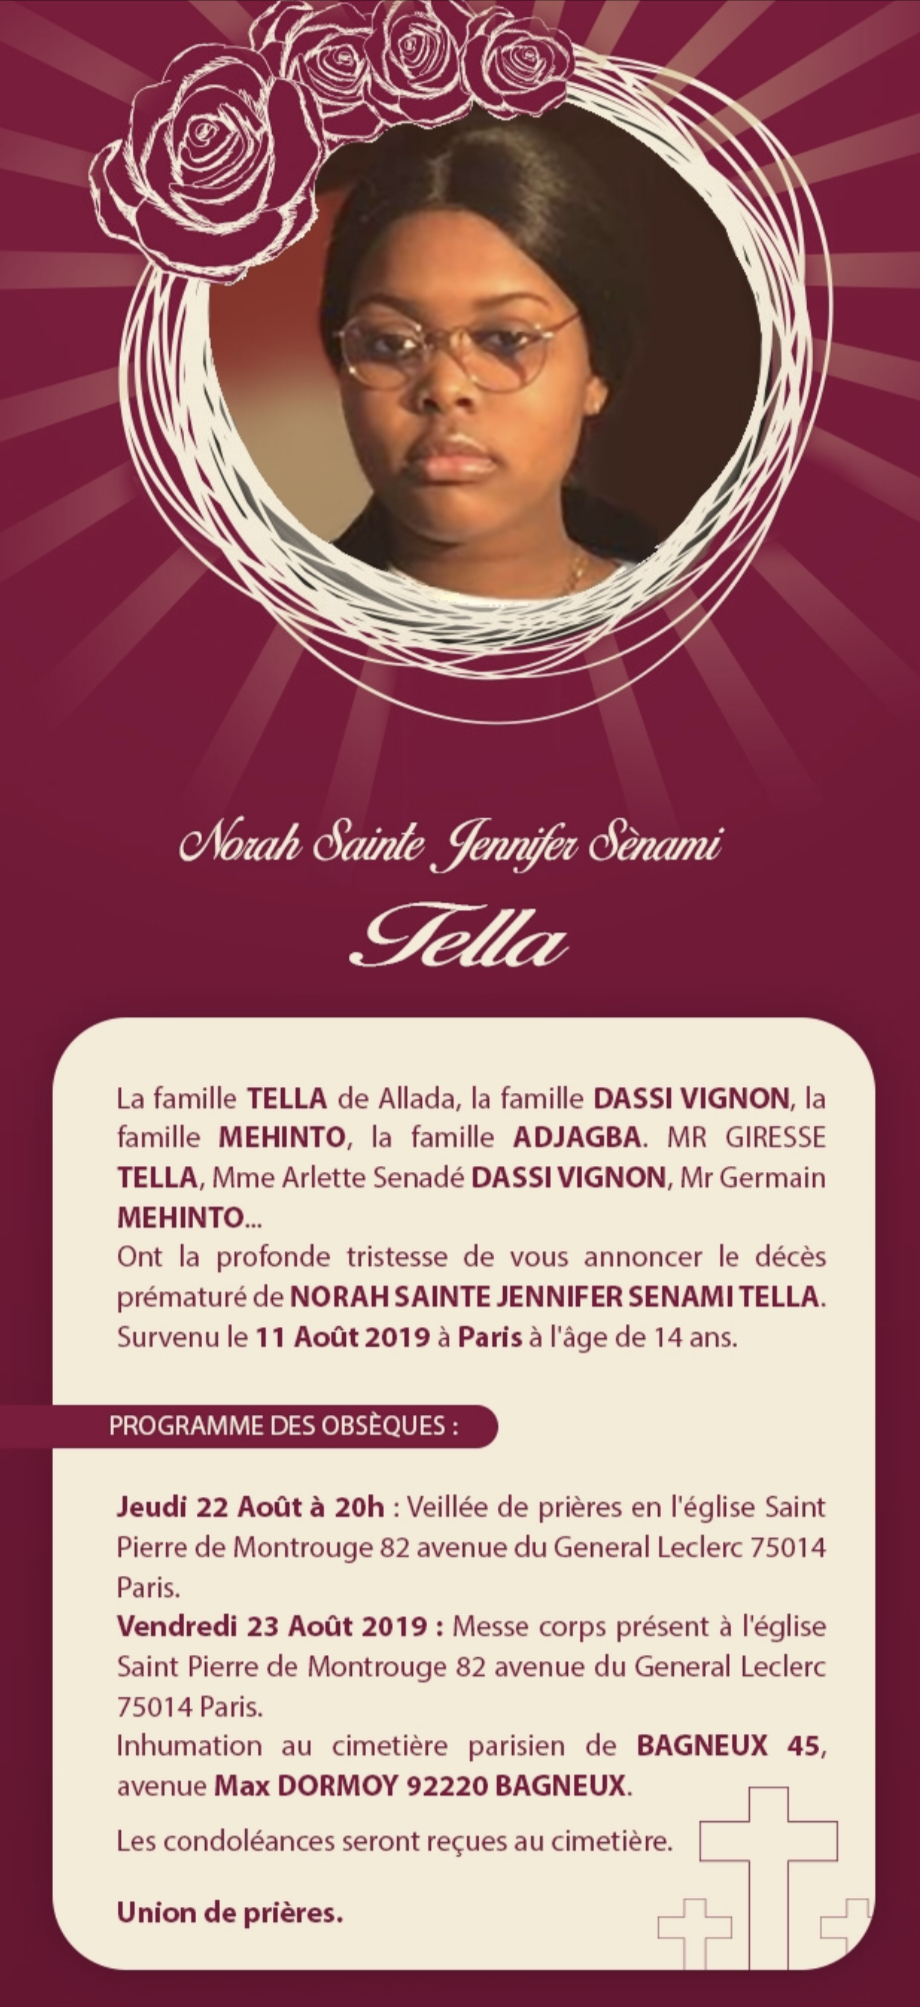 Paris : Le programme des obsèques de Norah Sainte Jennifer Senami Tella.